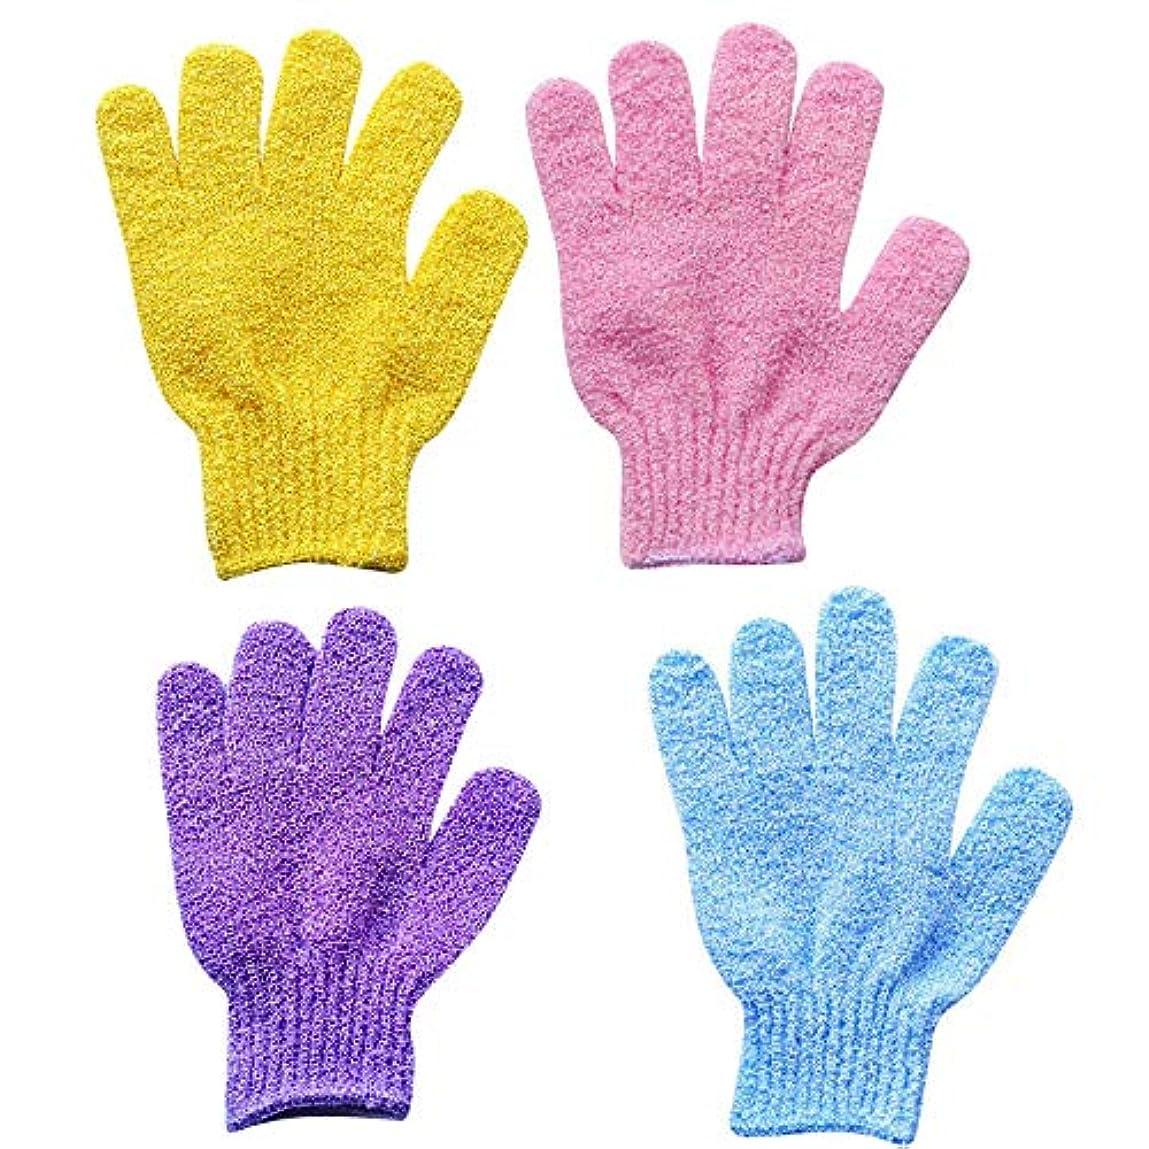 依存見つける大統領Littleliving 浴用手袋 ボディタオル 入浴用品 バス用品 垢すり手袋 五本指 毛穴清潔 角質除去 8枚セット